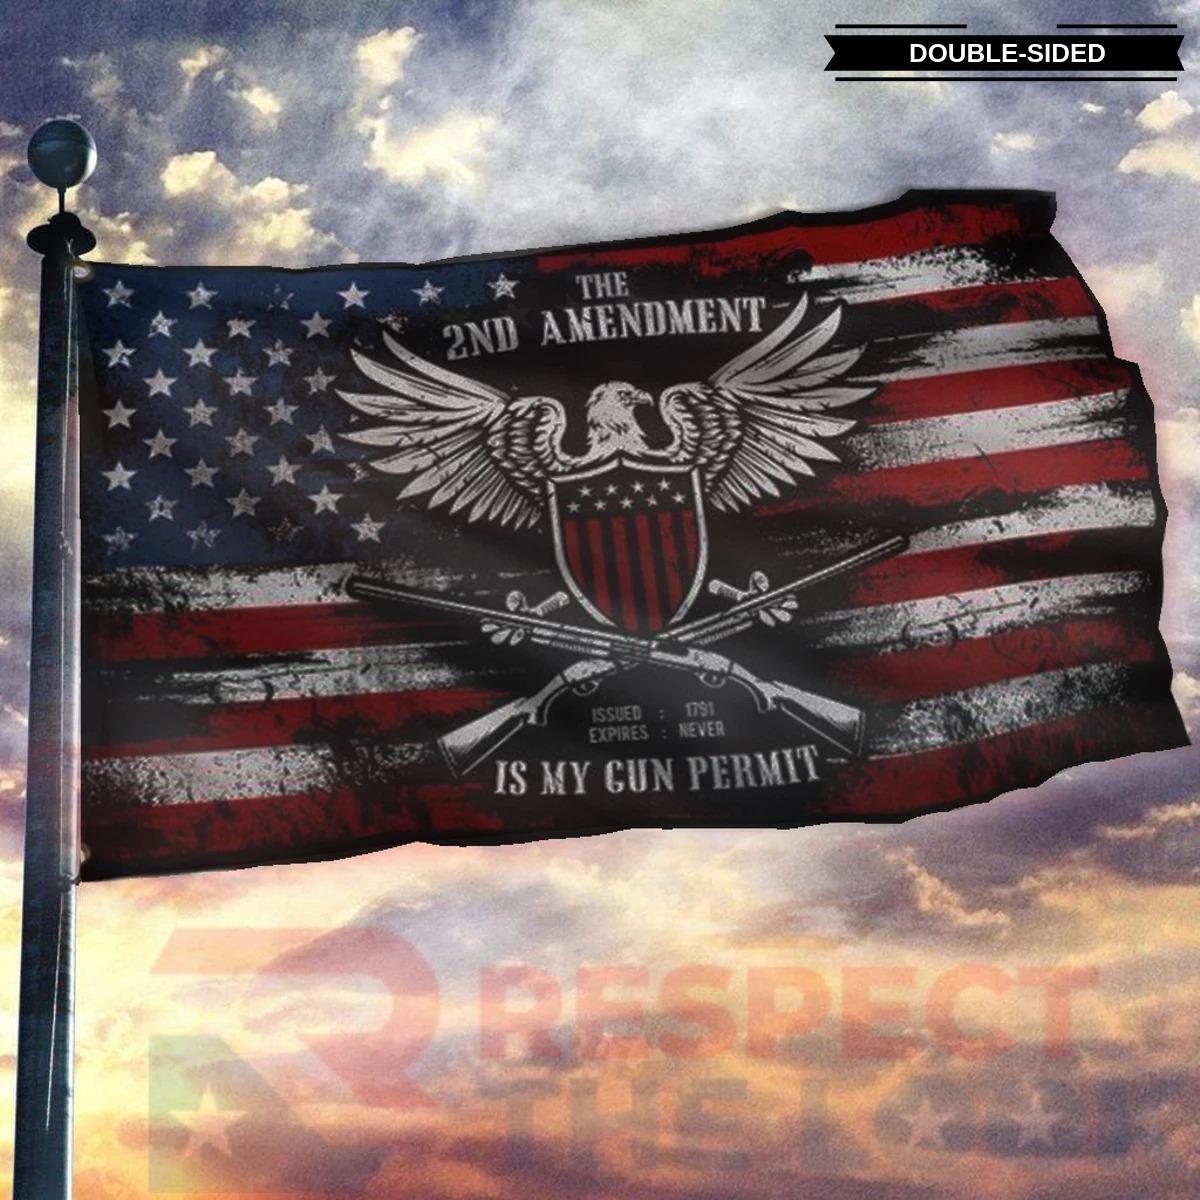 The 2ND amendment is my gun permit flag 9